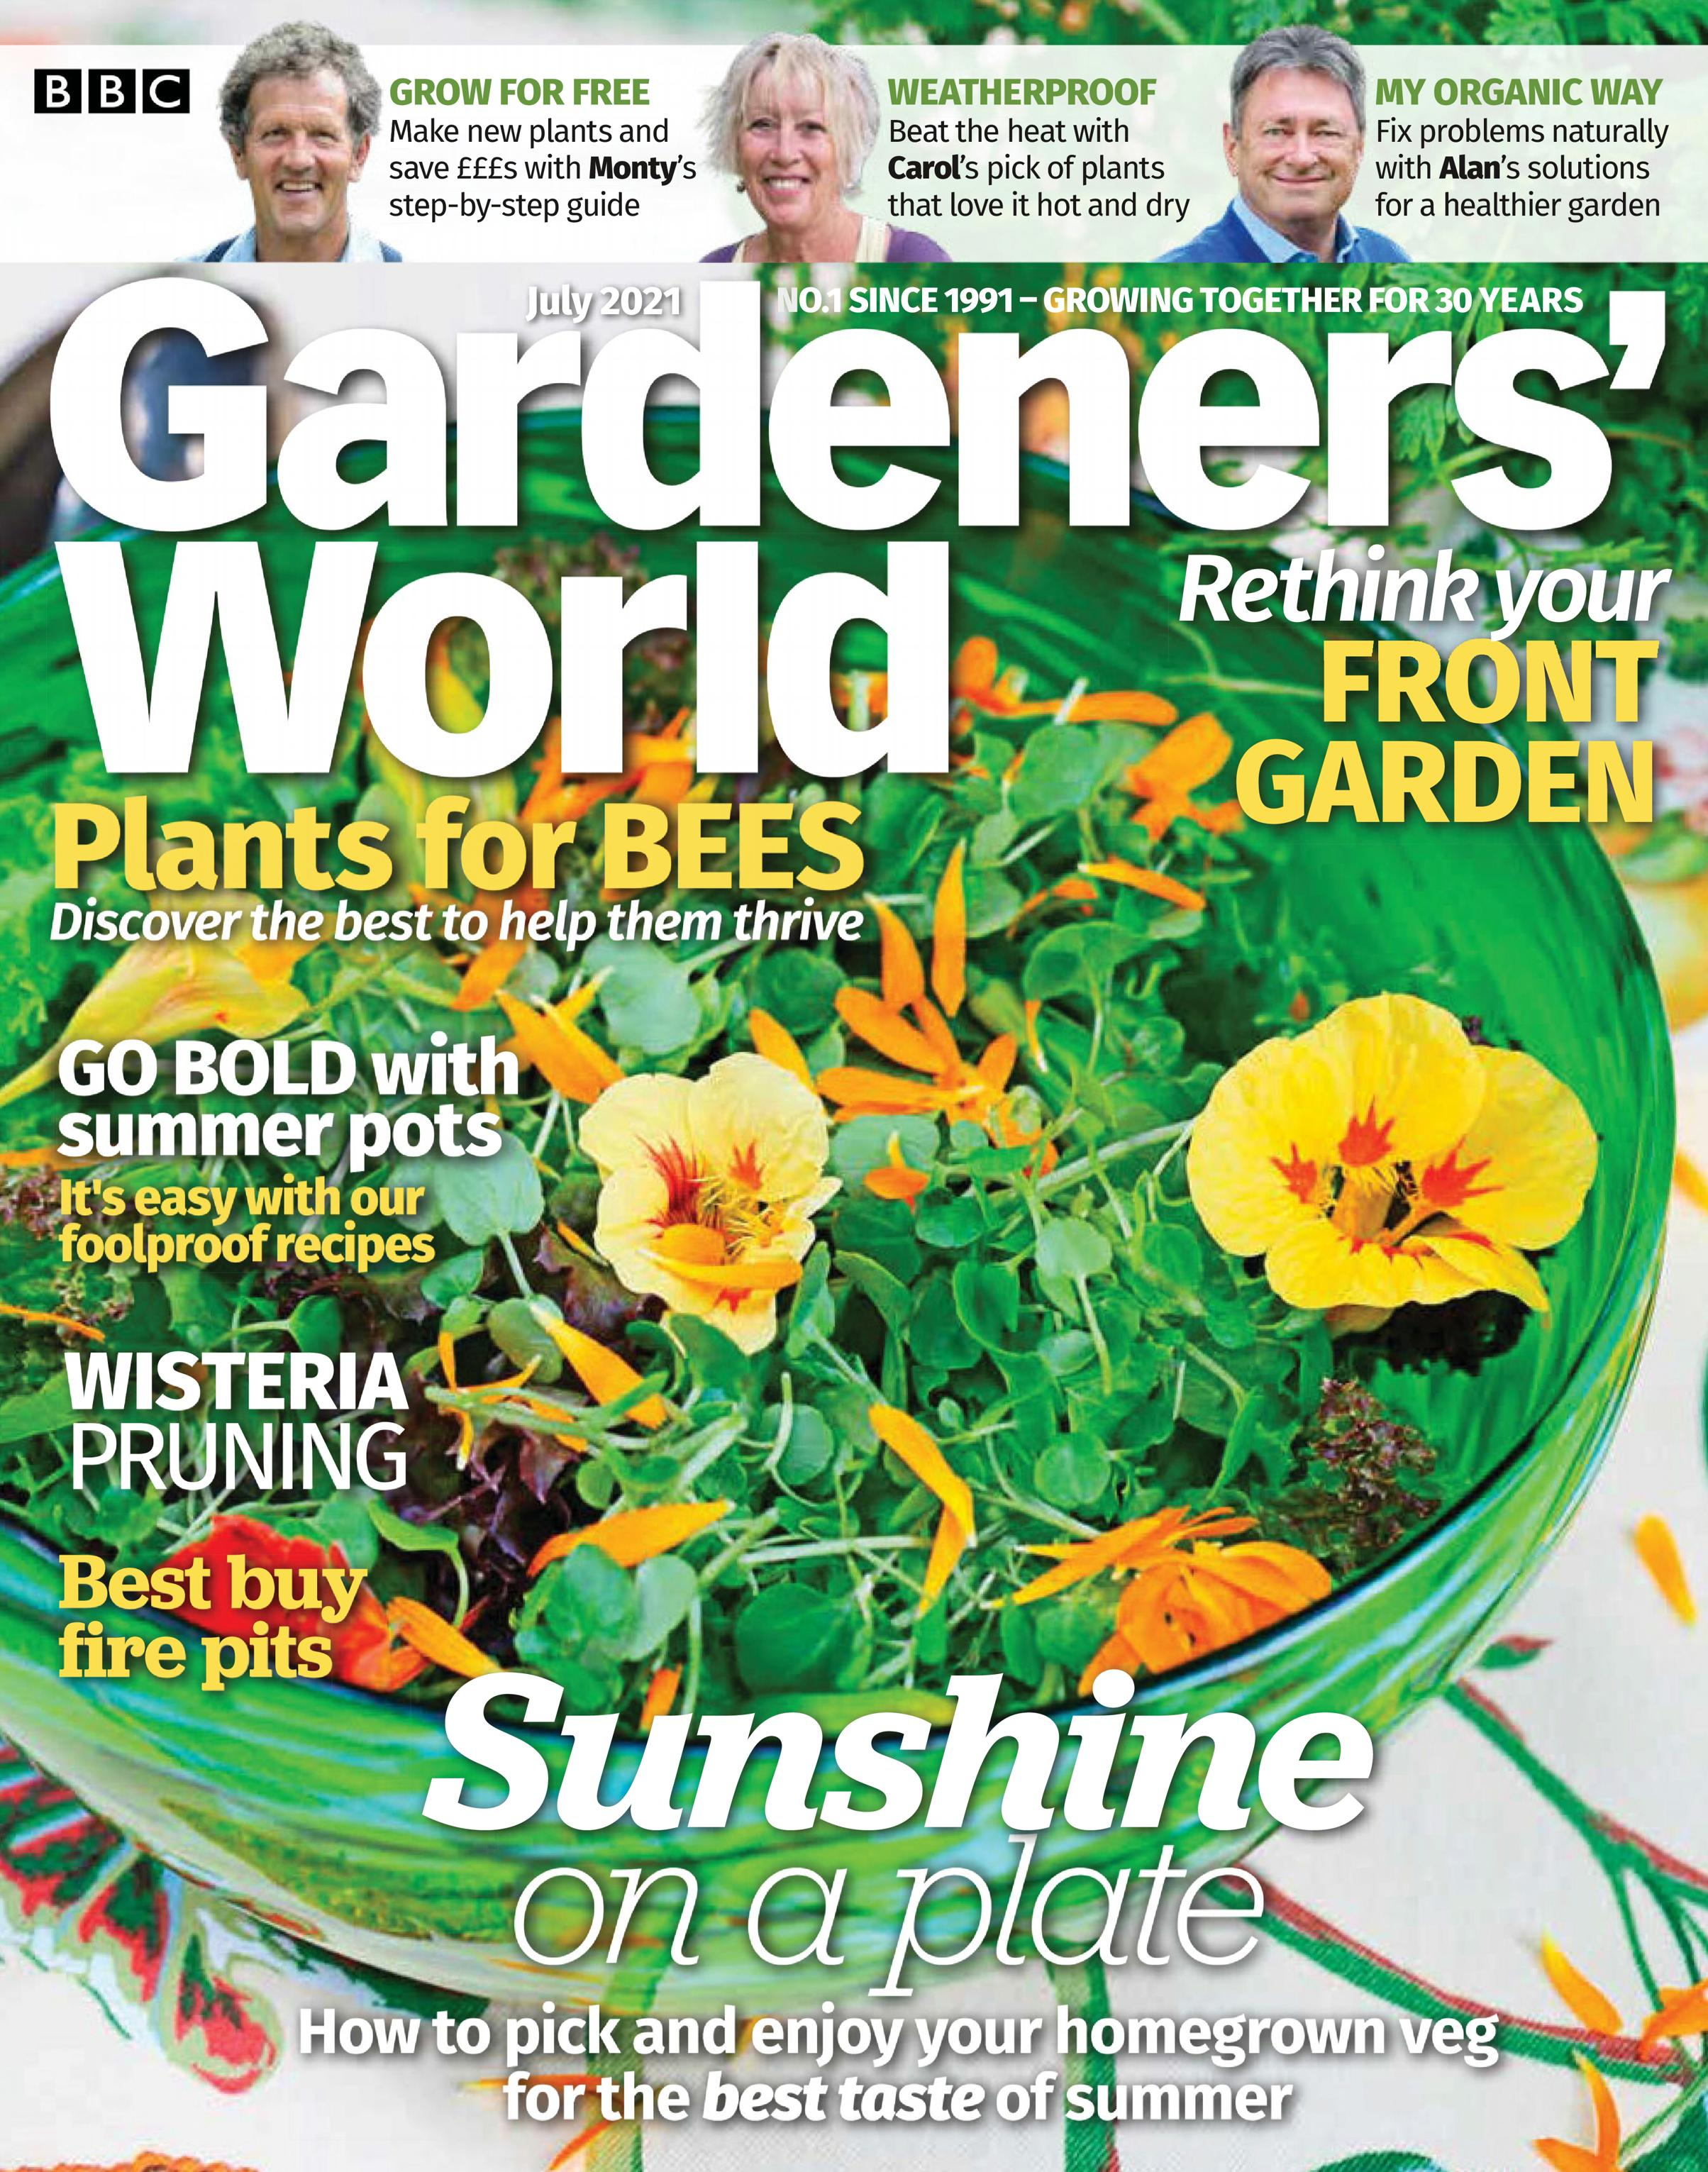 BBC Gardeners' World - July 2021 / AvaxHome